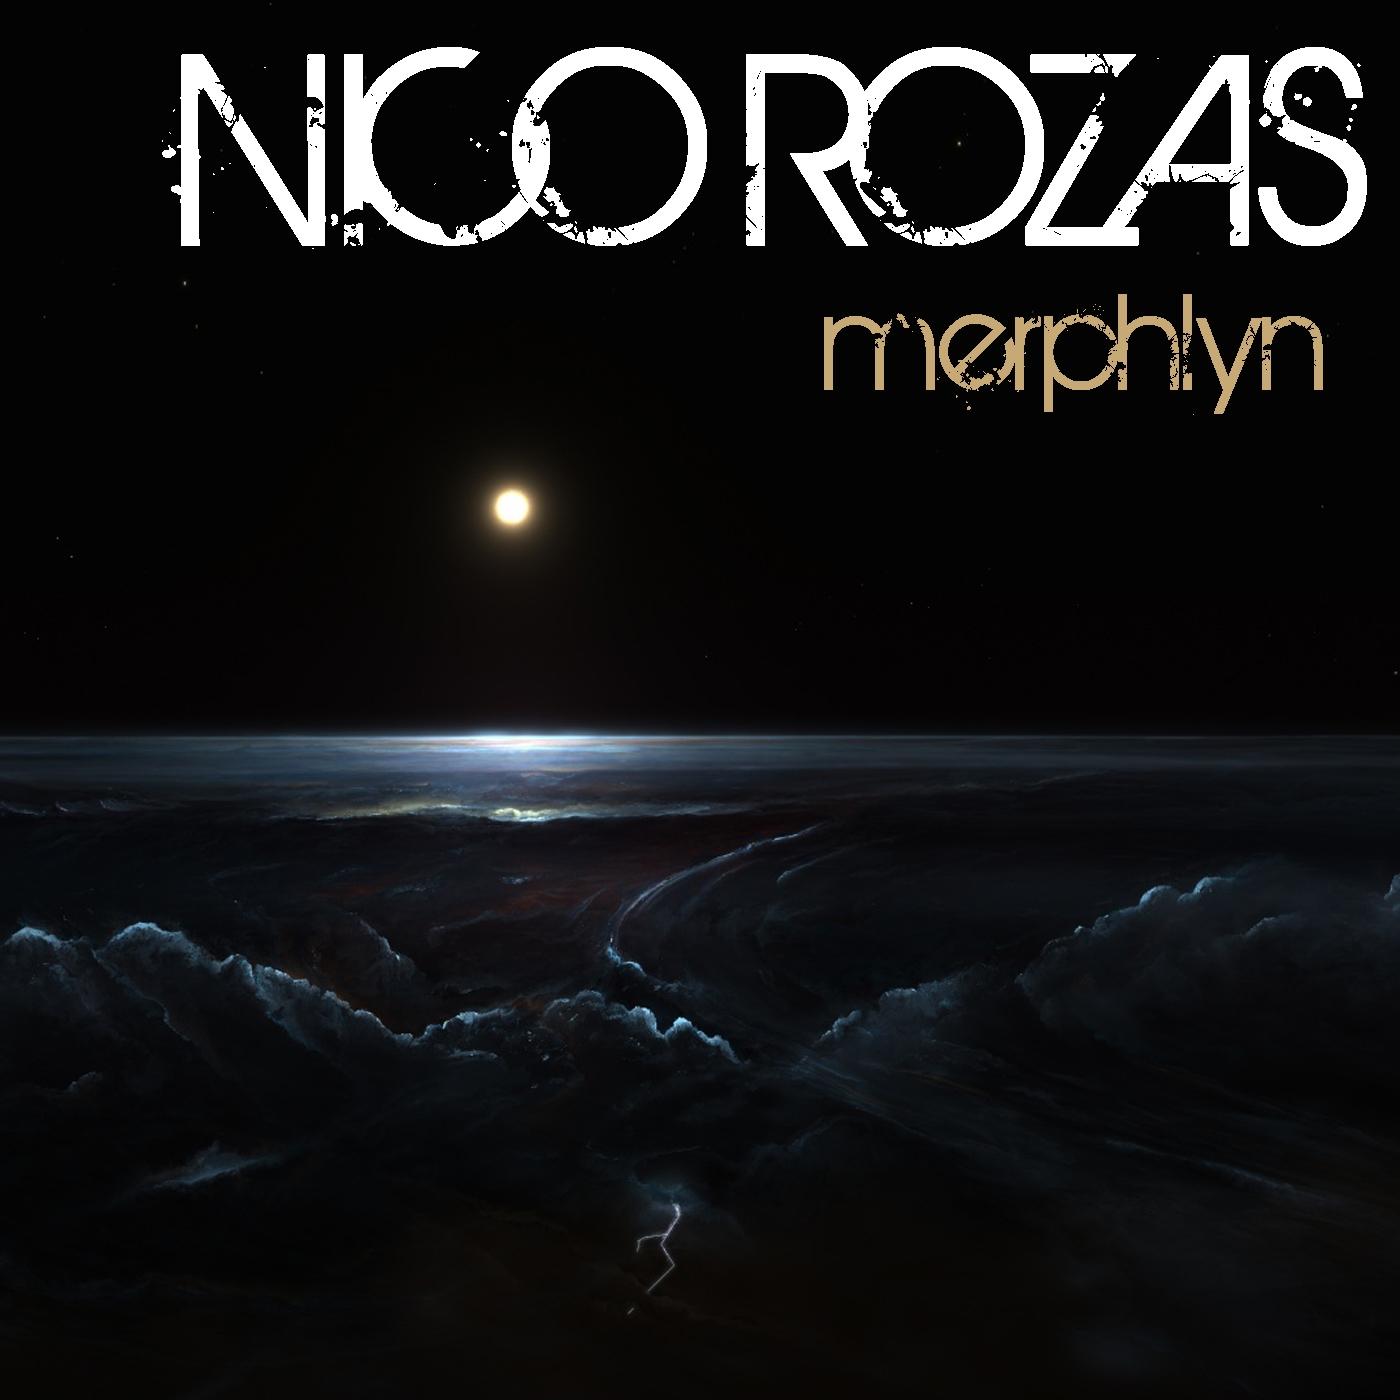 Nico Rozas - Life Of Dream (Original Mix)